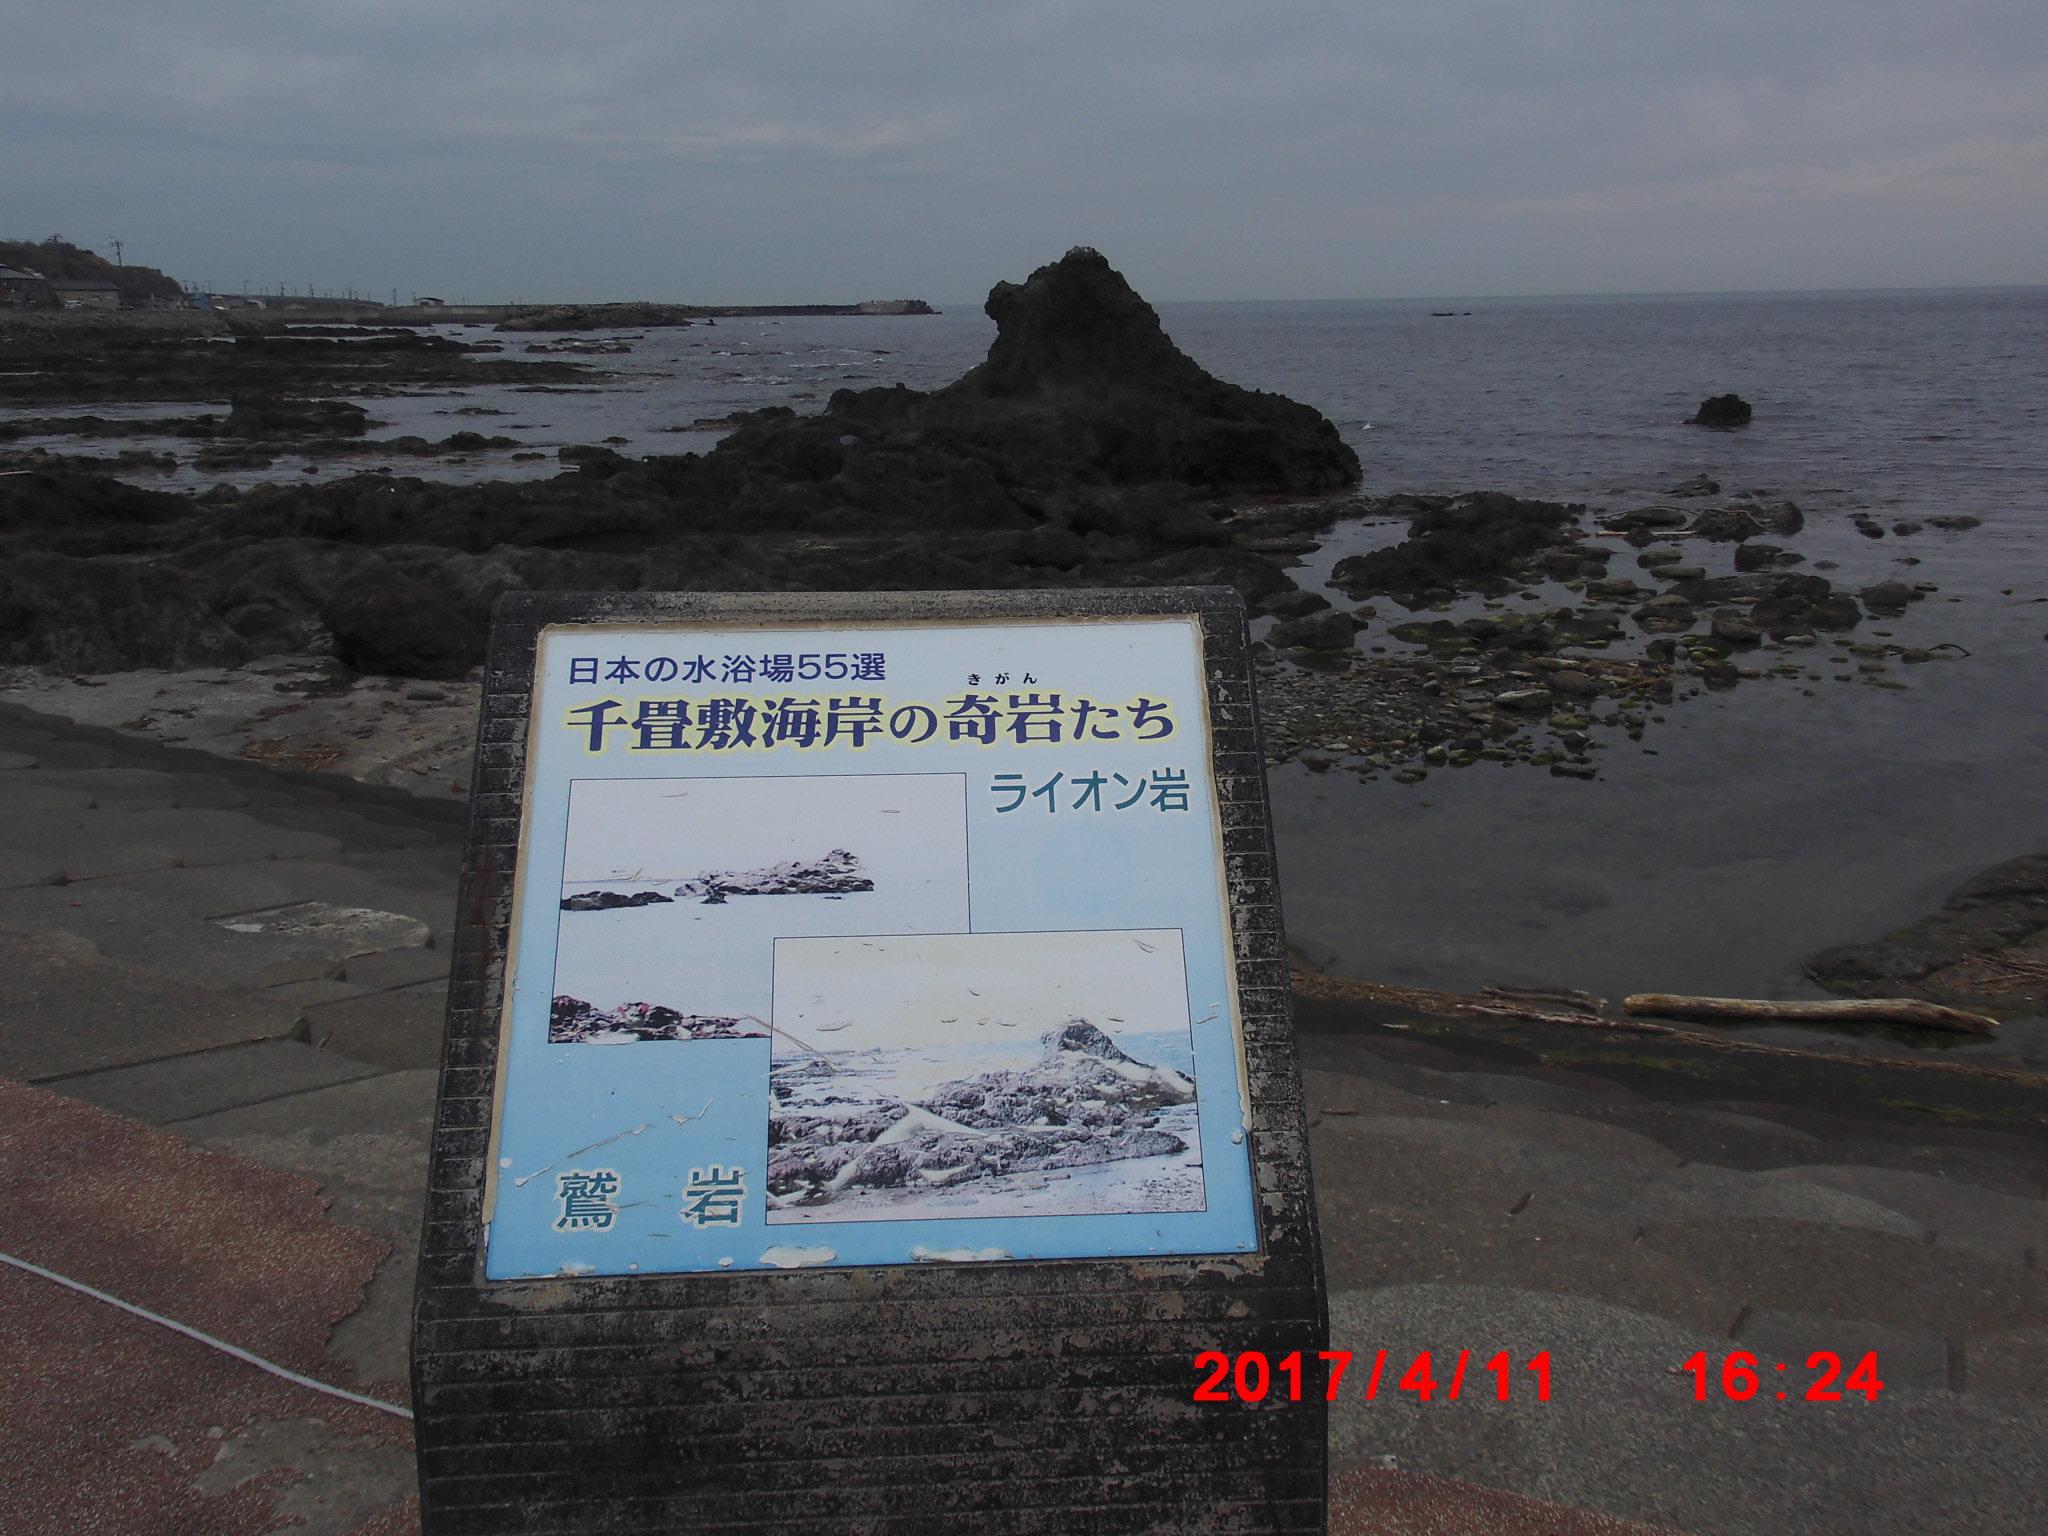 【青森県】深浦町の千畳敷海岸観光案内です。